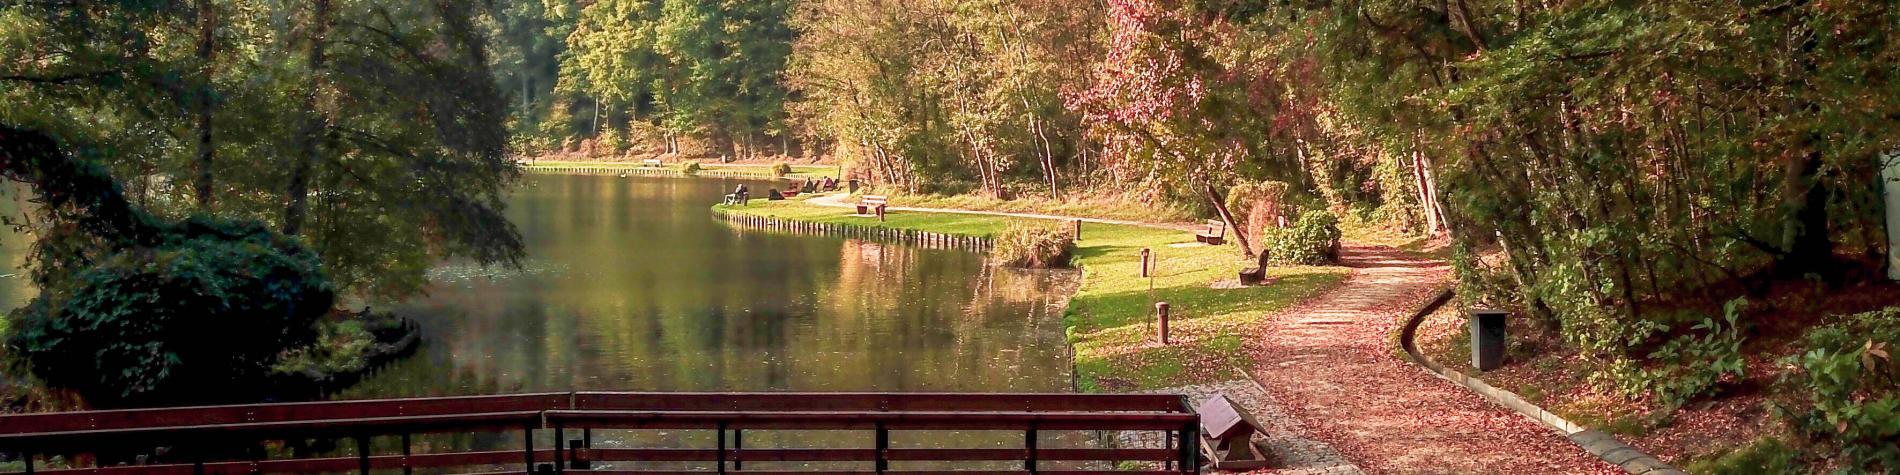 Bois des Rêves - Louvain-la-Neuve